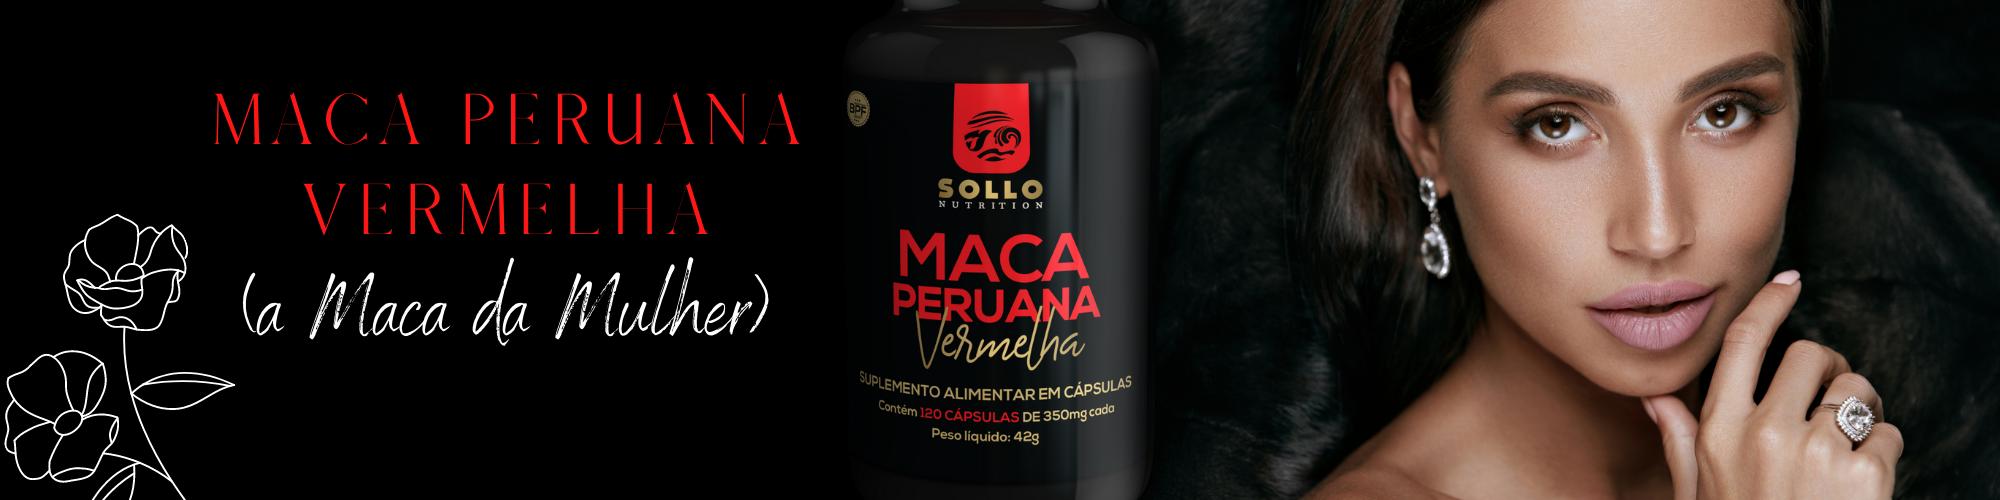 Maca Peruana Vermelha